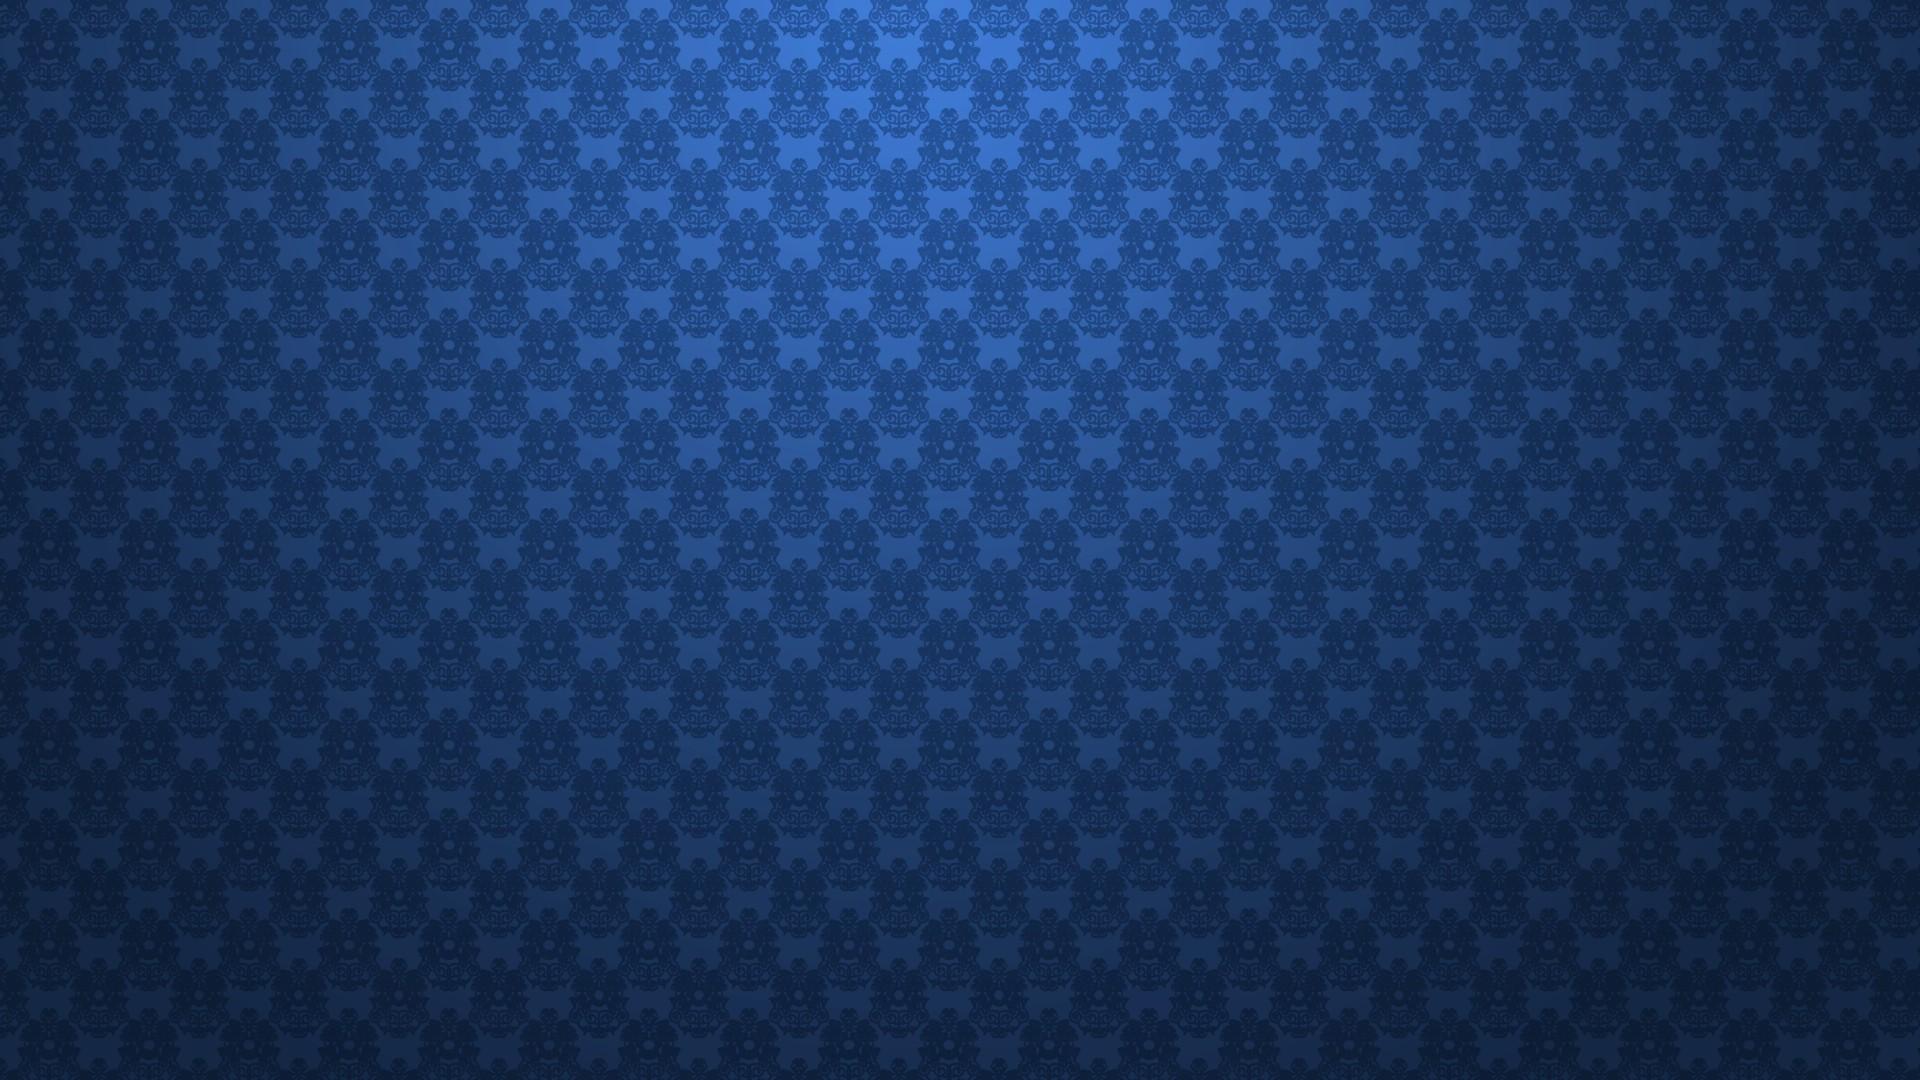 royal background  u00b7 u2460 download free cool high resolution backgrounds for desktop  mobile  laptop